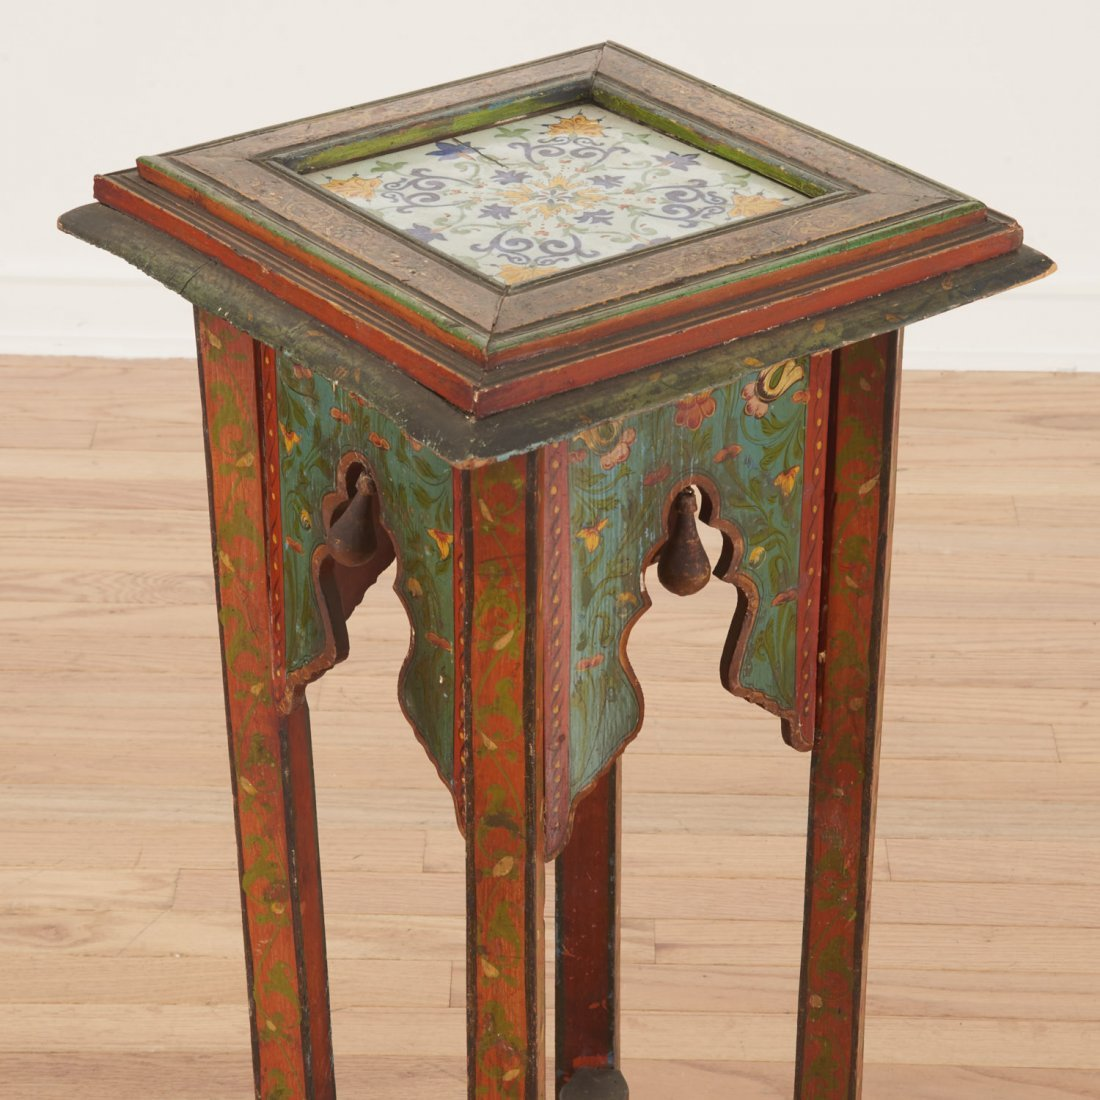 Middle Eastern polychrome tile inset pedestal - 4